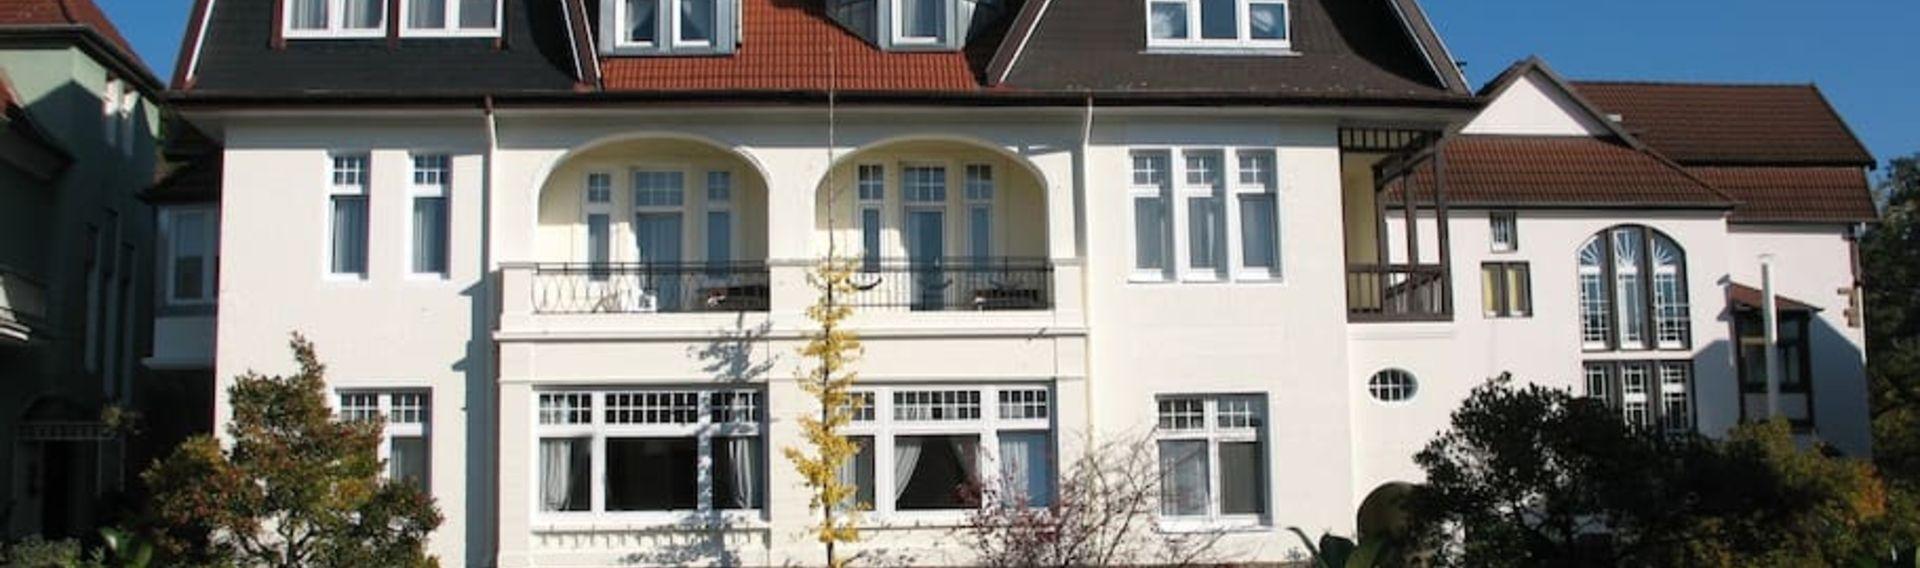 Kurvilla Fürstin Pauline in Bad Salzuflen